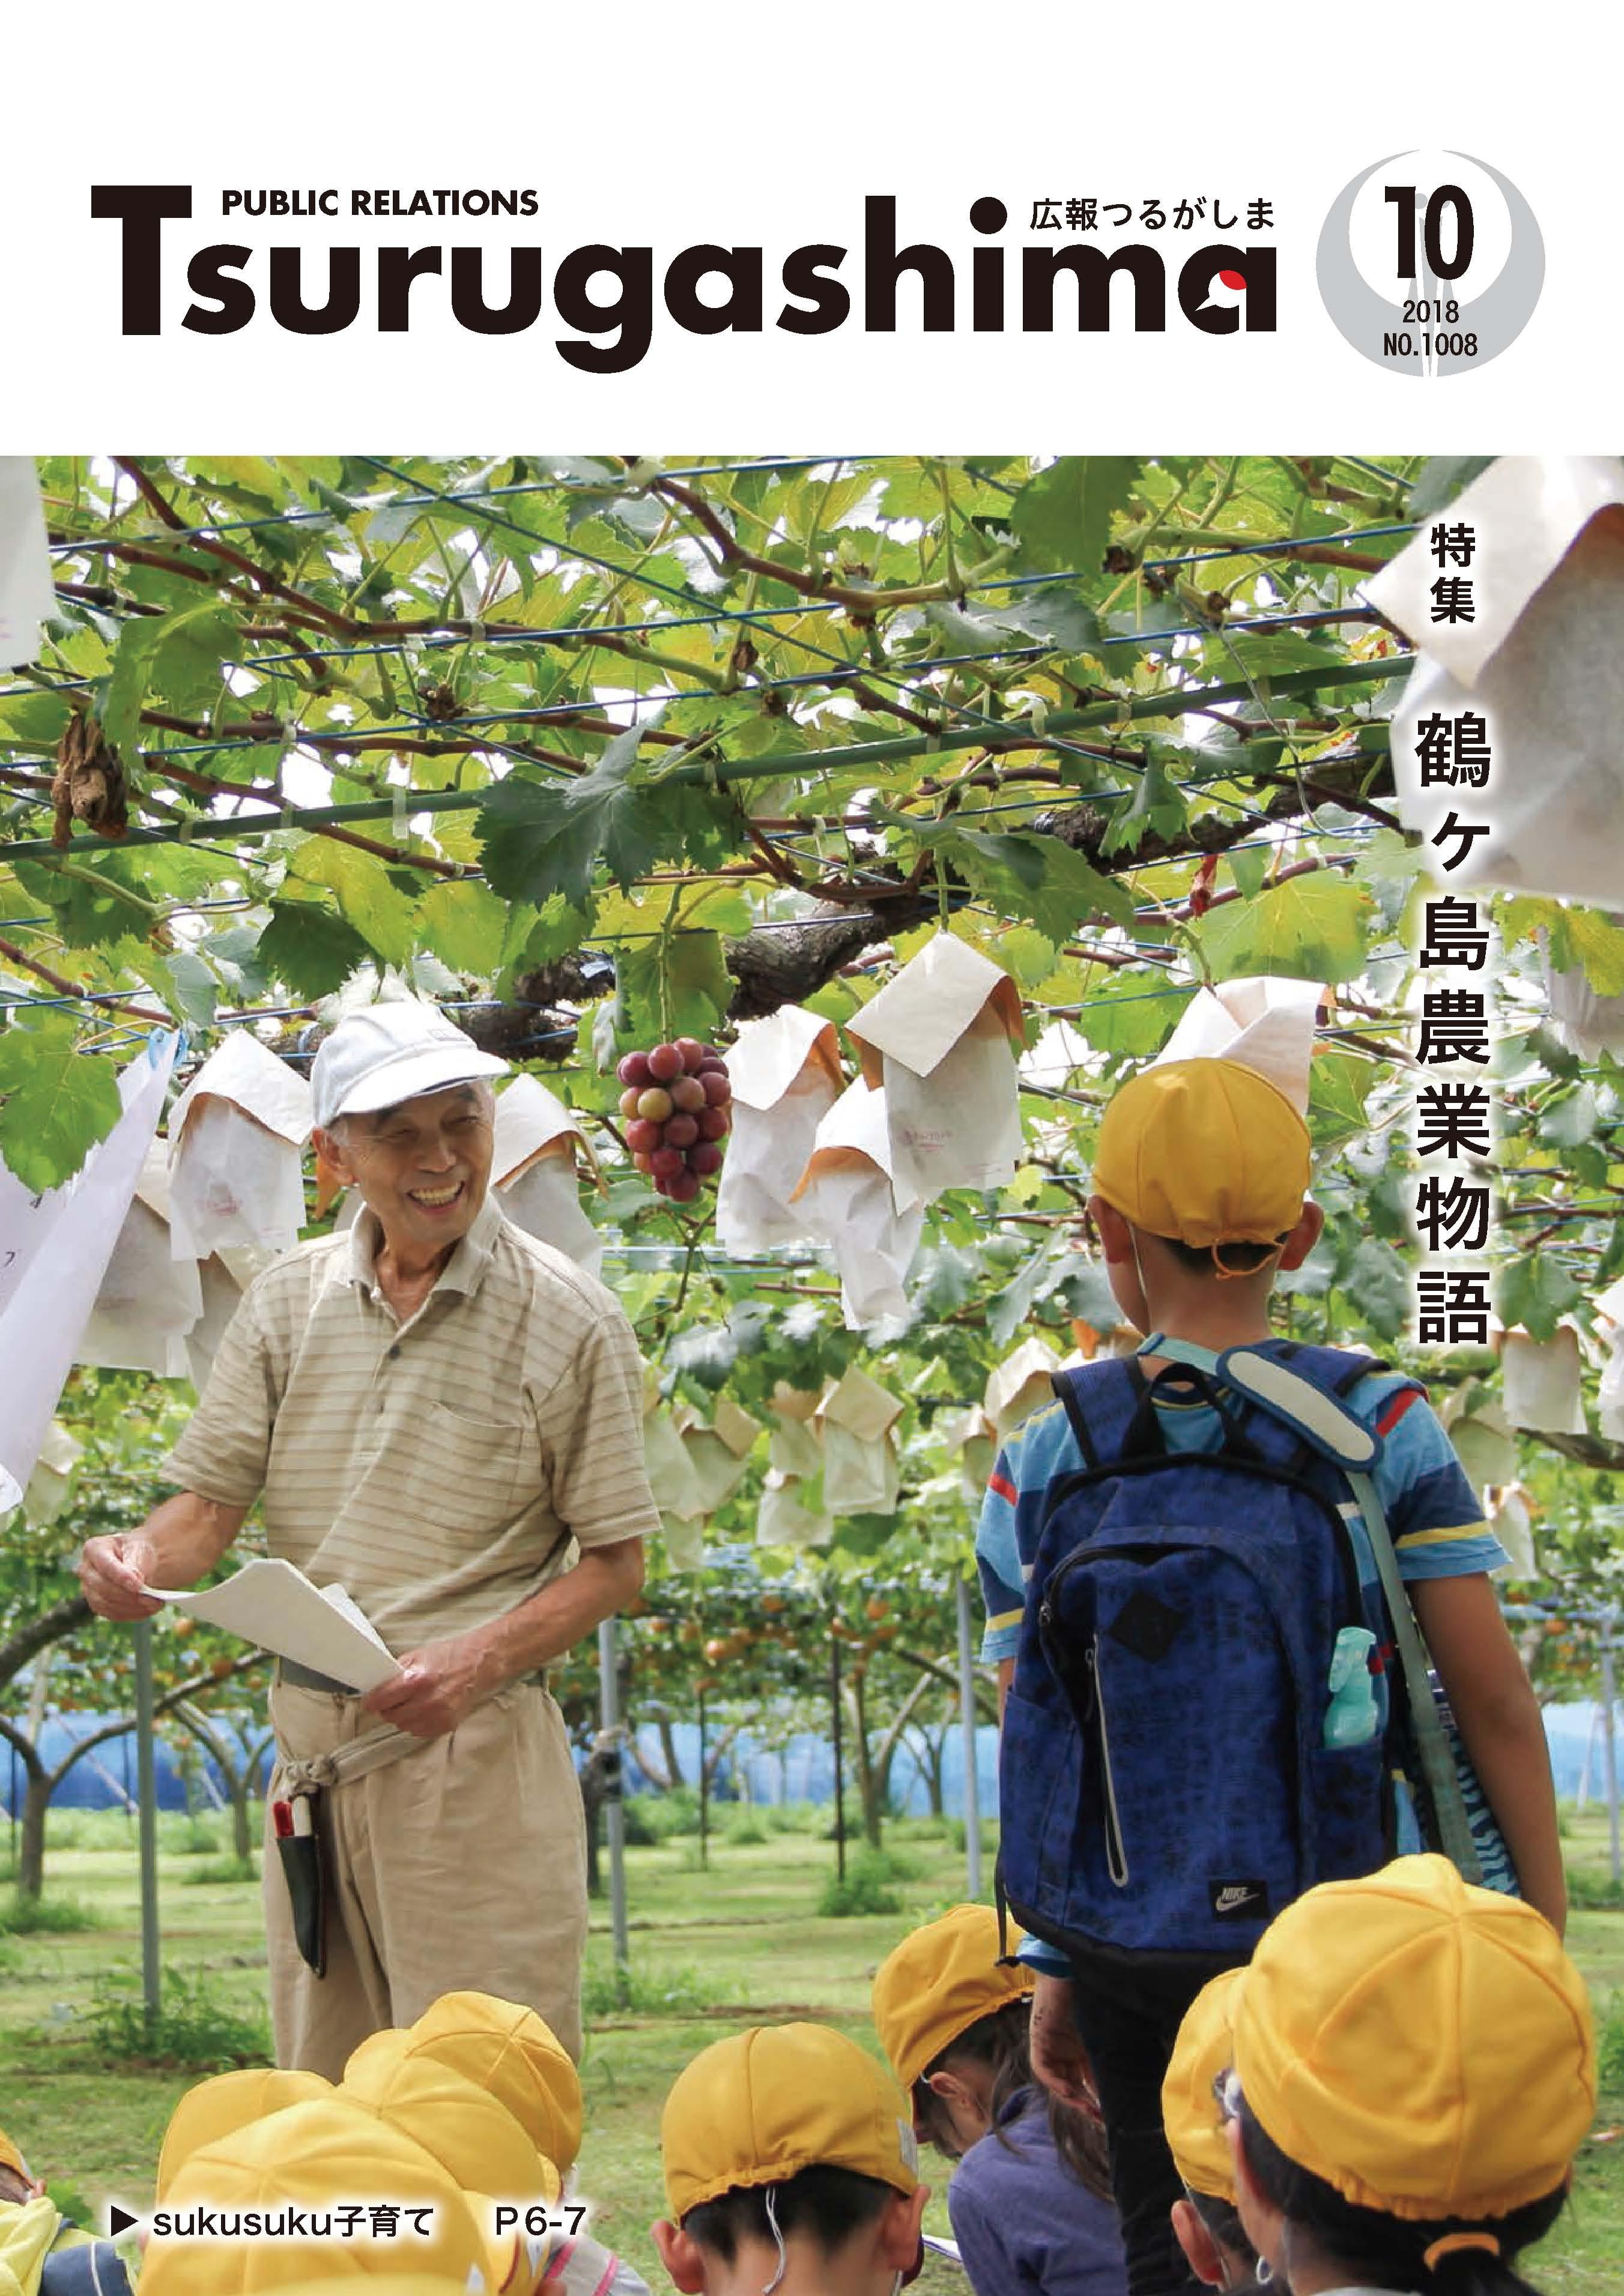 『広報つるがしま10月号表紙』の画像